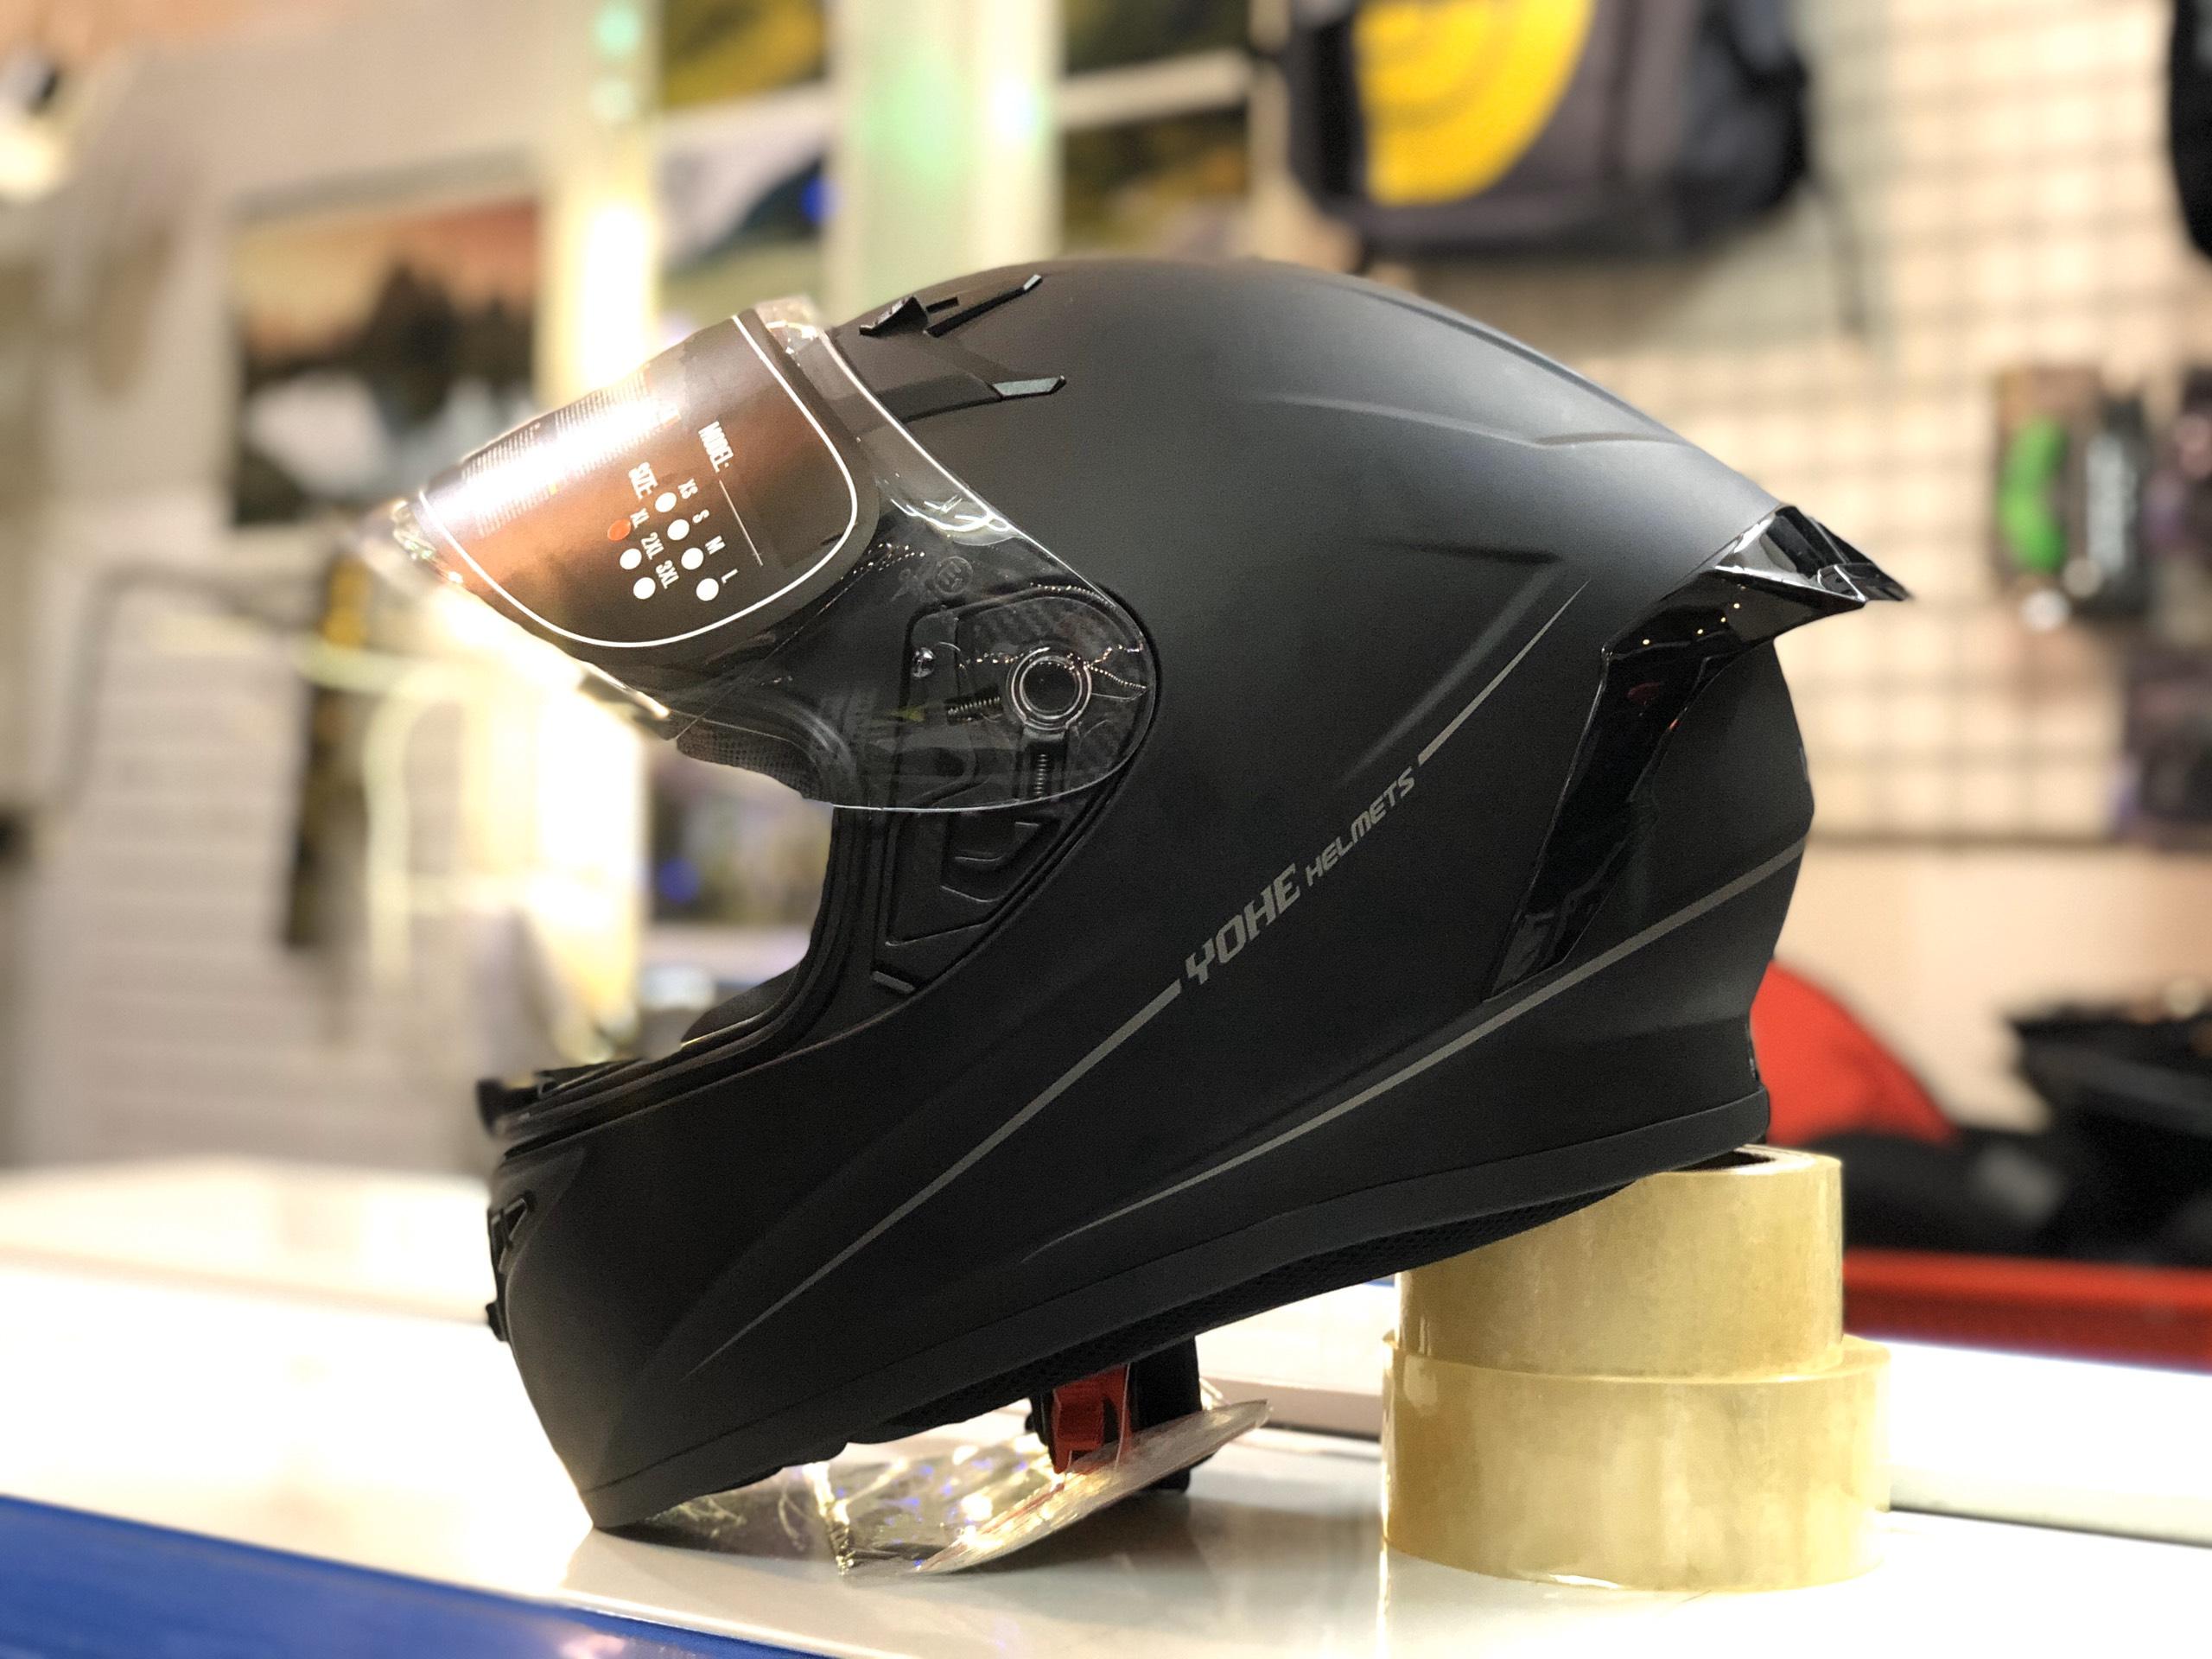 mũ bảo hiểm yohe 978 plus đen (2)